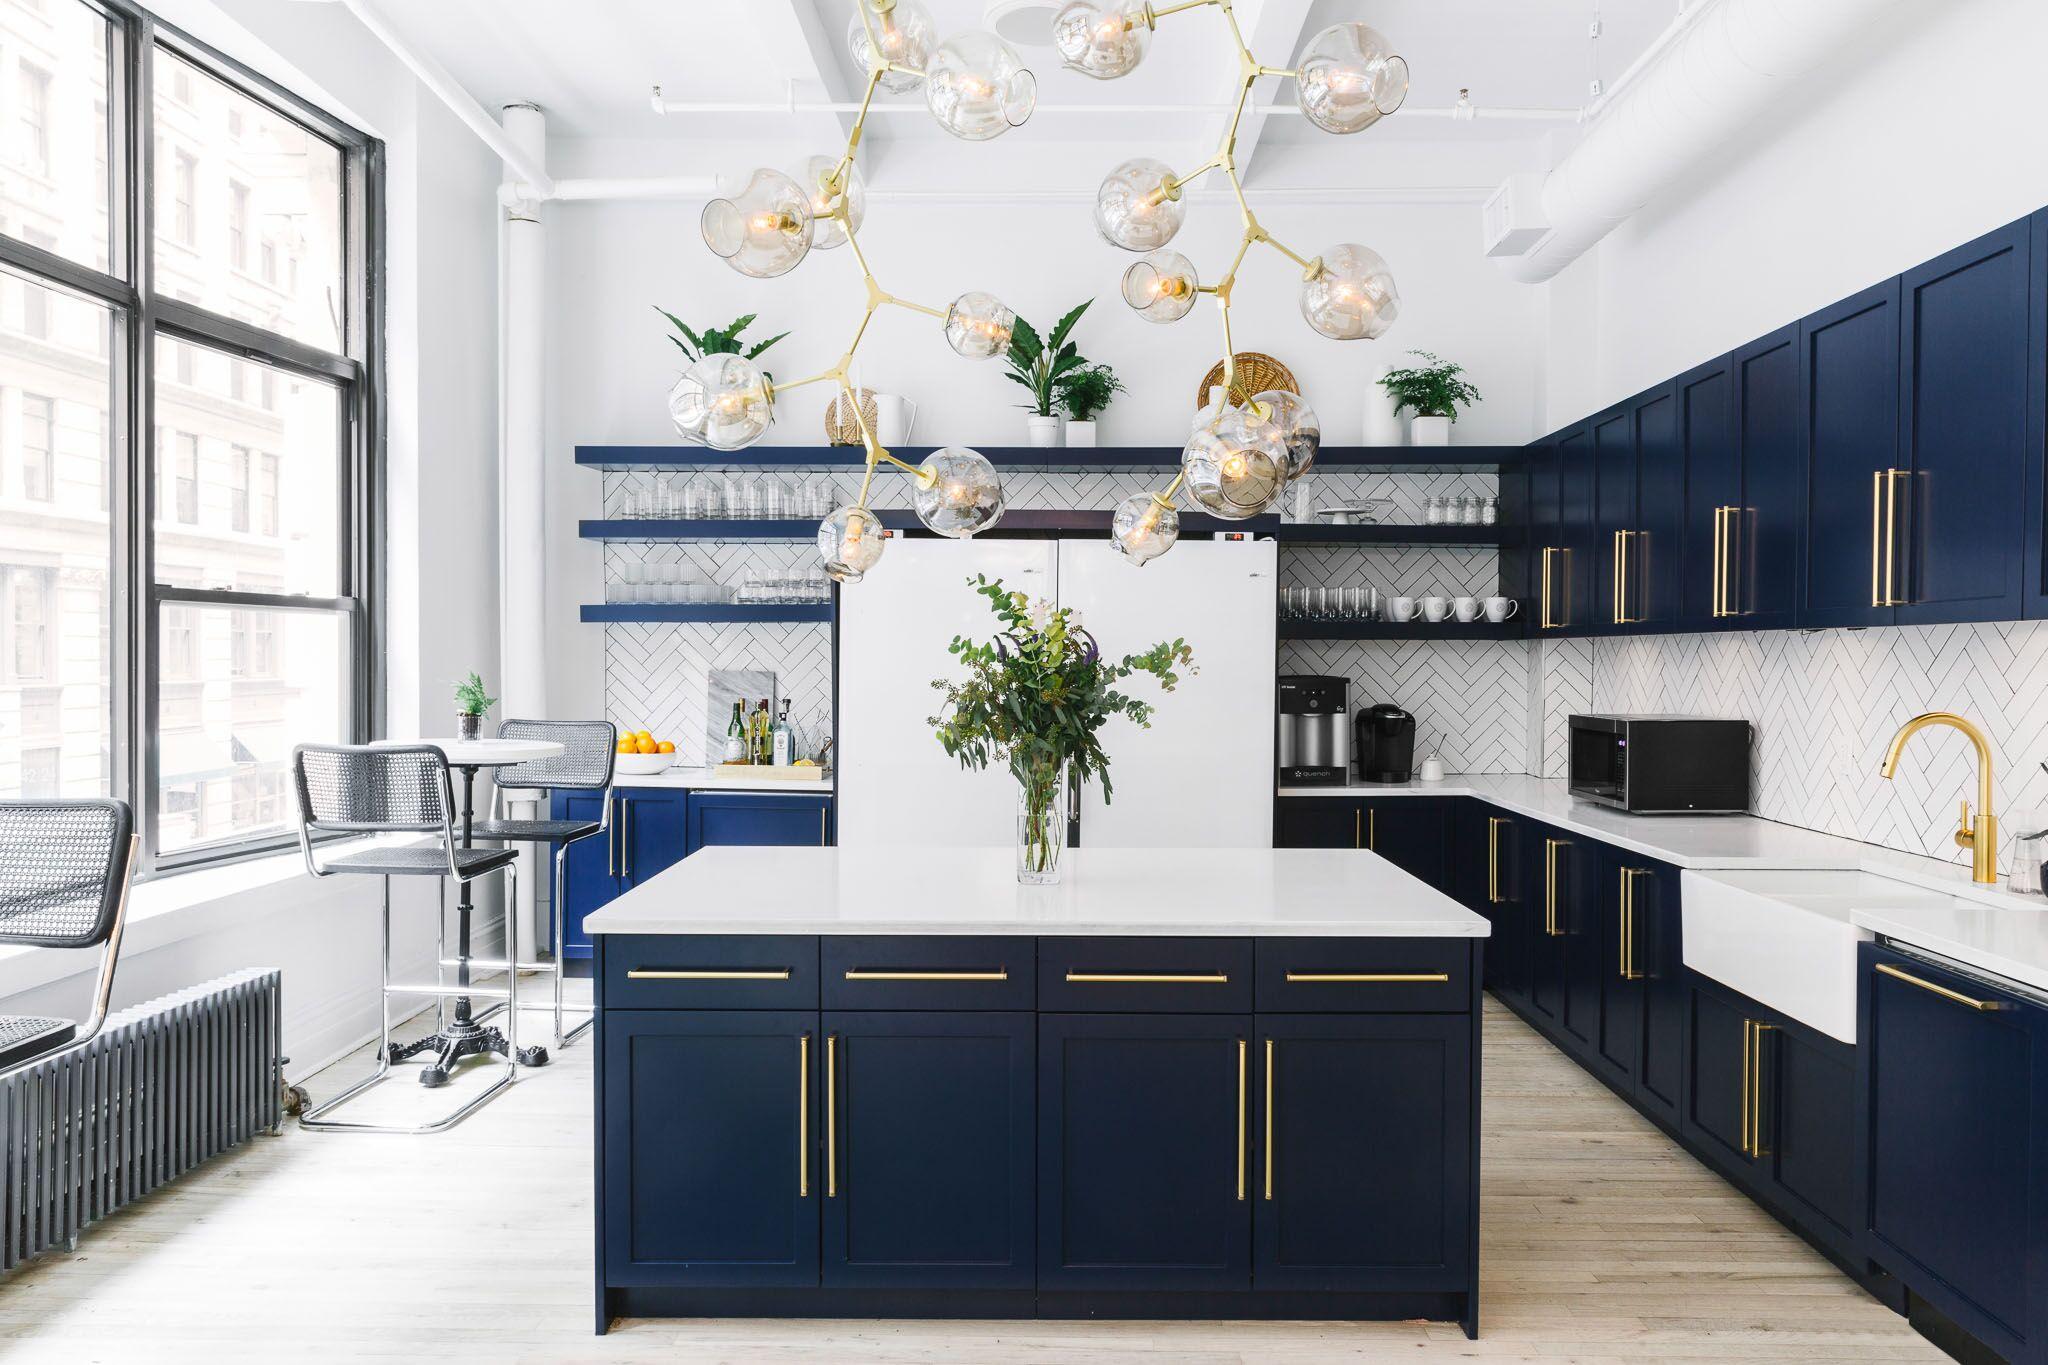 gold drawer pulls on dark kitchen cabinets